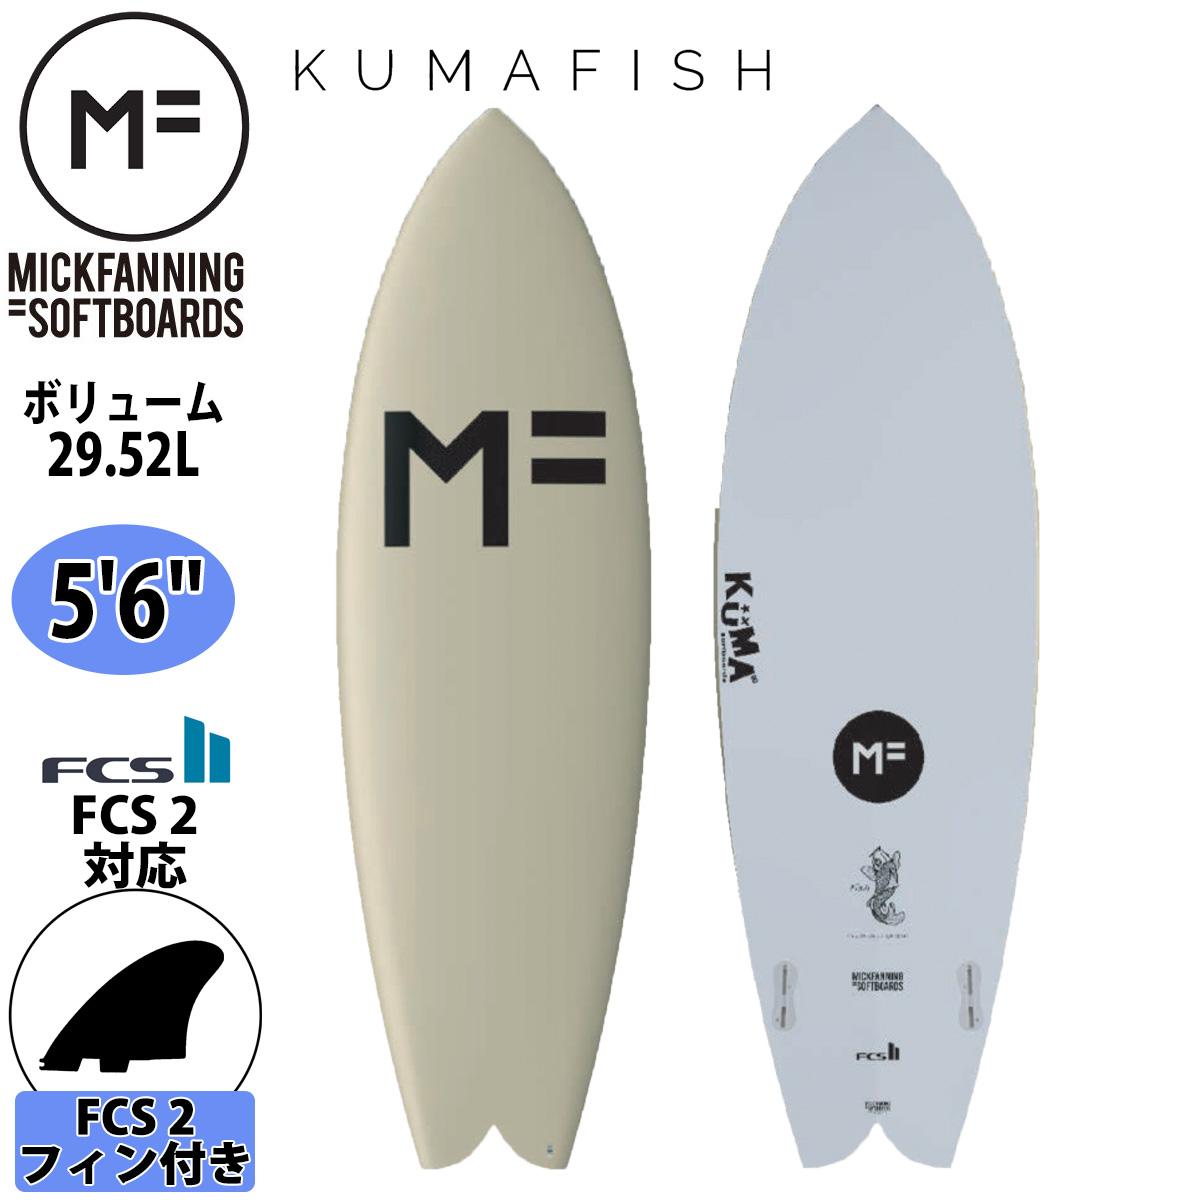 2021年モデル MF ミックファニング ソフトボード サーフボード KUMAFISH 5'6 クマフィッシュ MICK 日本正規品 F21-MF-KUS-506 boards 品番 SOFTBOARD 送料無料 激安 お買い得 キ゛フト シリーズ 定番 soft FANNING